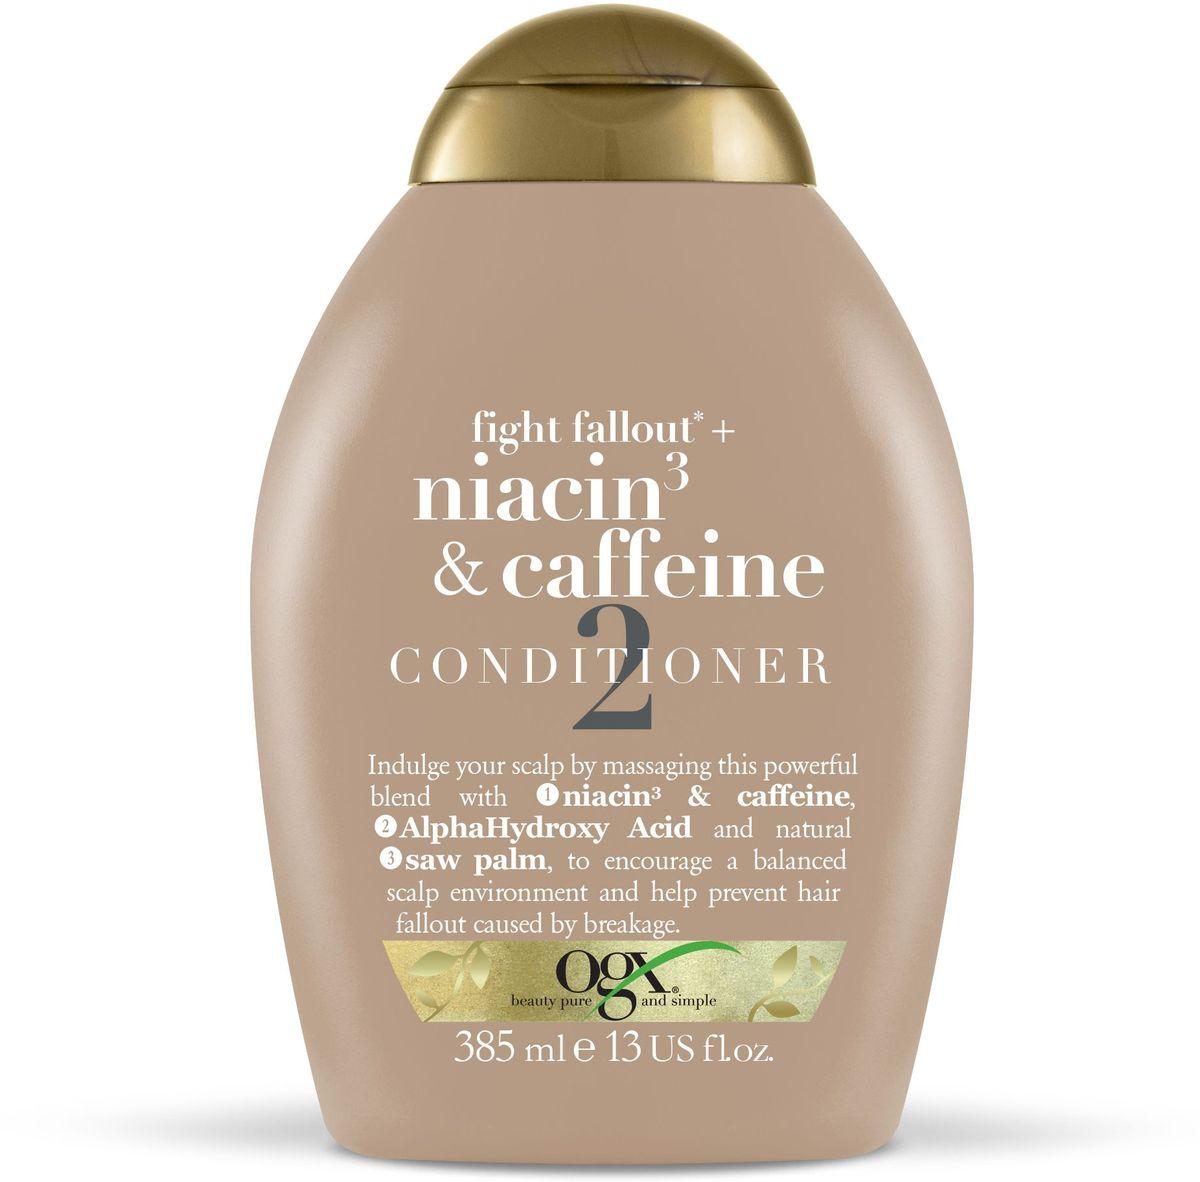 OGX Кондиционер против выпадения волос с ниацином 3 и кофеином, 385 мл.FS-00103Кондиционер против выпадения волос с ниацином 3 и кофеином помогает поддерживать кожу голову в здоровом состоянии, стимулирует волосяные фолликулы и предотвращает выпадение и ломкость волос.